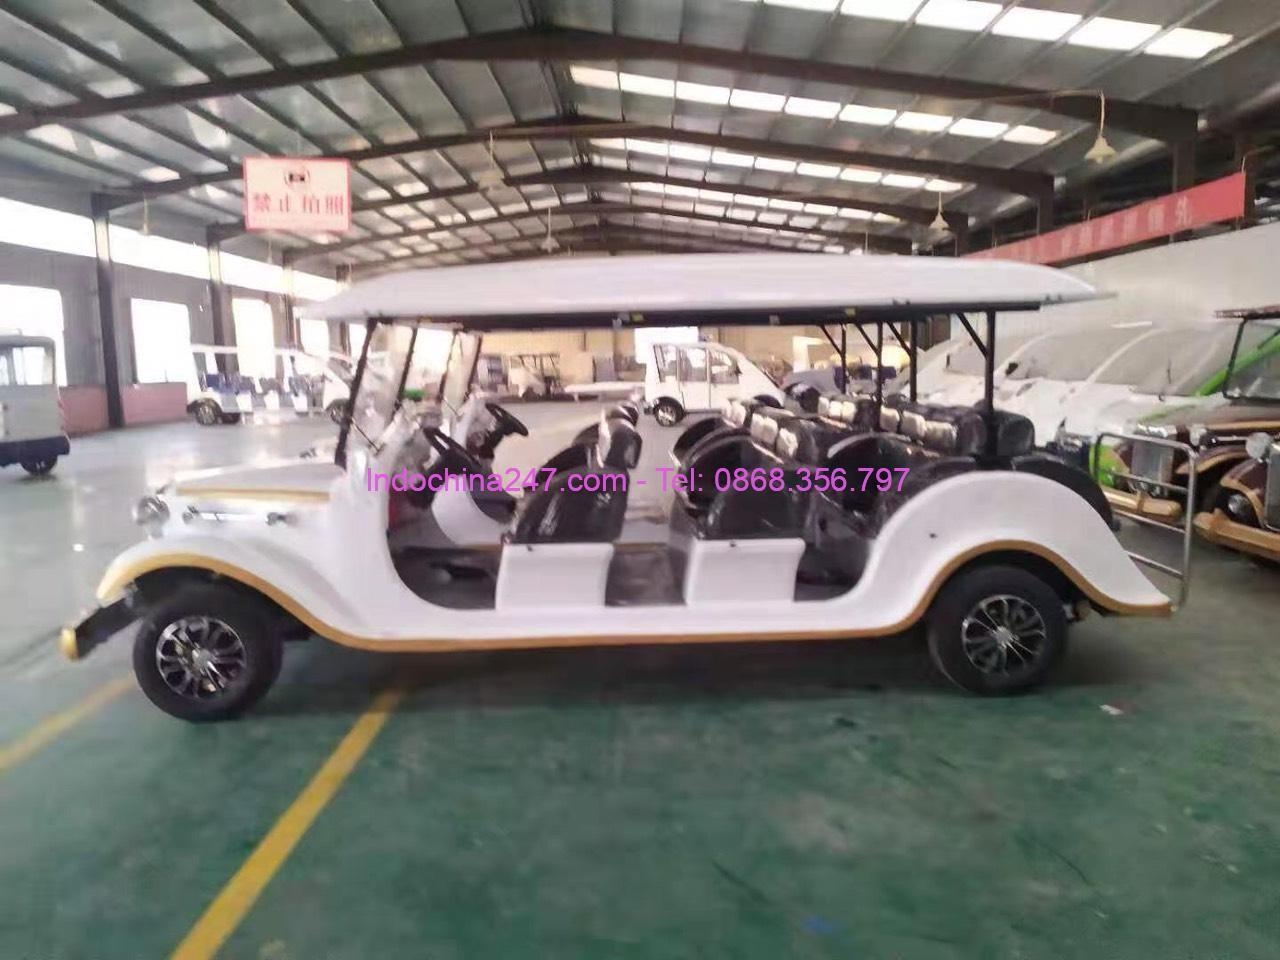 Dịch vụ vận chuyển ô tô điện từ Trung Quốc về Việt Nam